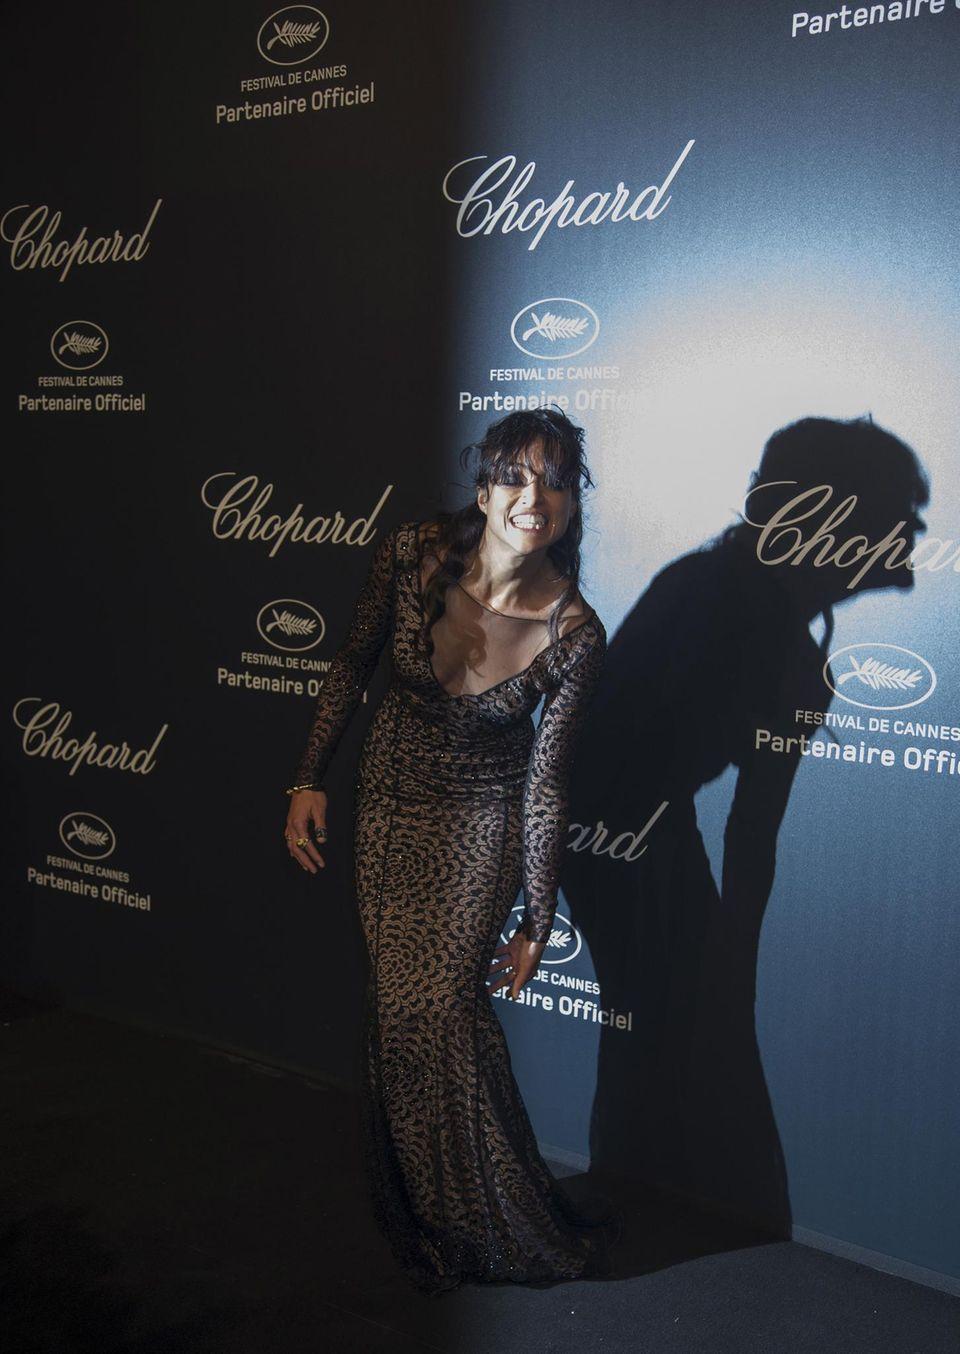 Cheeeeese! Michelle Rodriguez kann vor lauter Haaren im Gesicht kaum etwas sehen, aber schenkt den Fotografen trotzdem ein Grinsen.